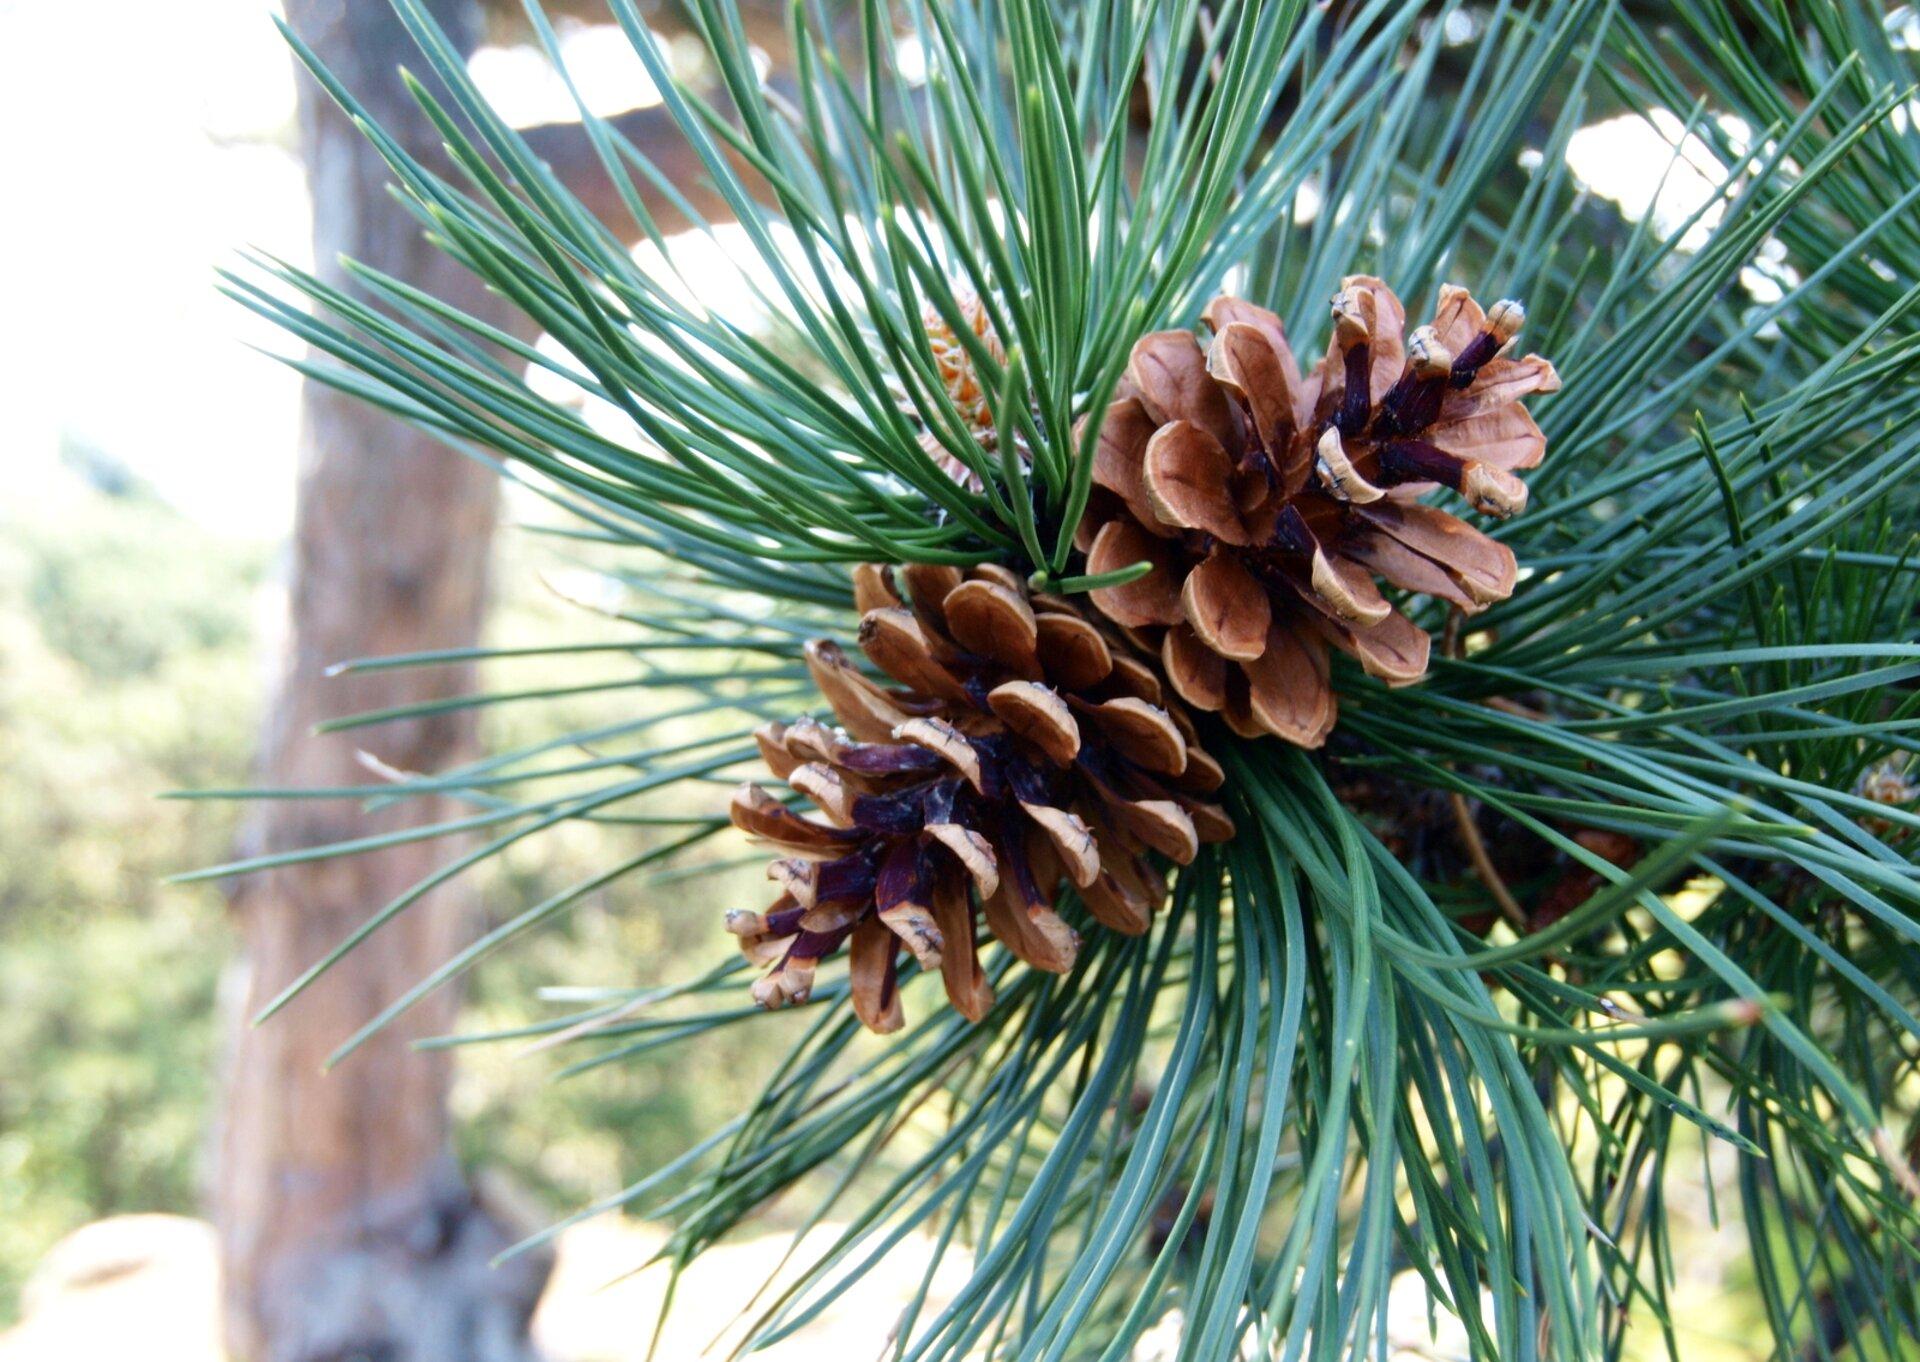 Fotografia przedstawia zbliżenie gałązki zbardzo długimi, niebieskawymi igłami idwoma brązowymi szyszkami. Wtle znajduje się pień drzewa. To sosna czarna.